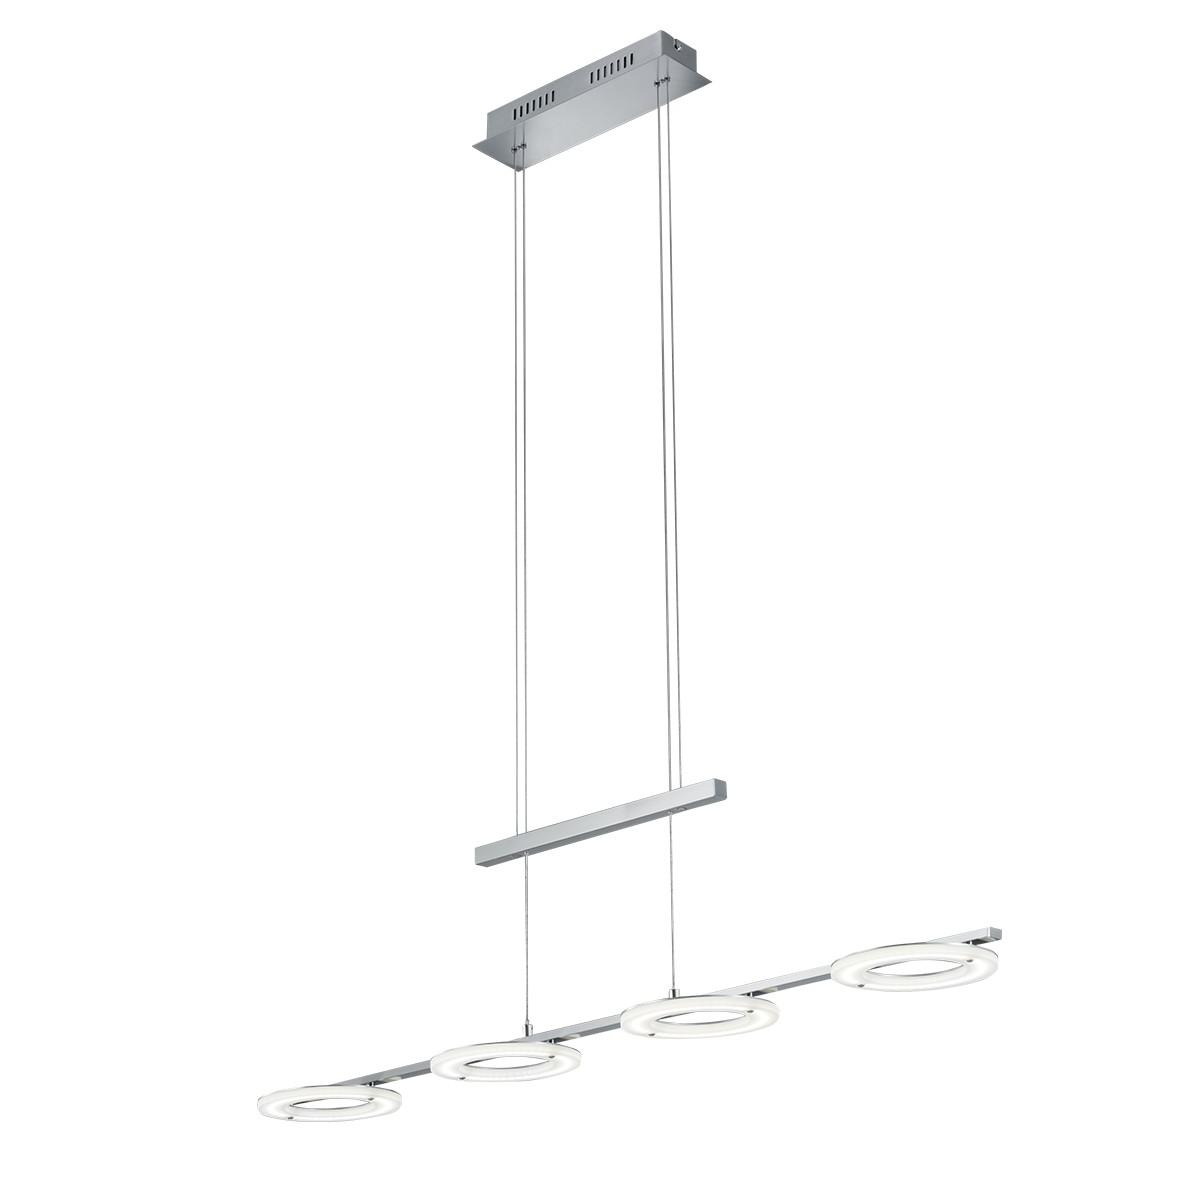 B-Leuchten Mica LED Balken-Pendelleuchte, Nickel matt / Chrom